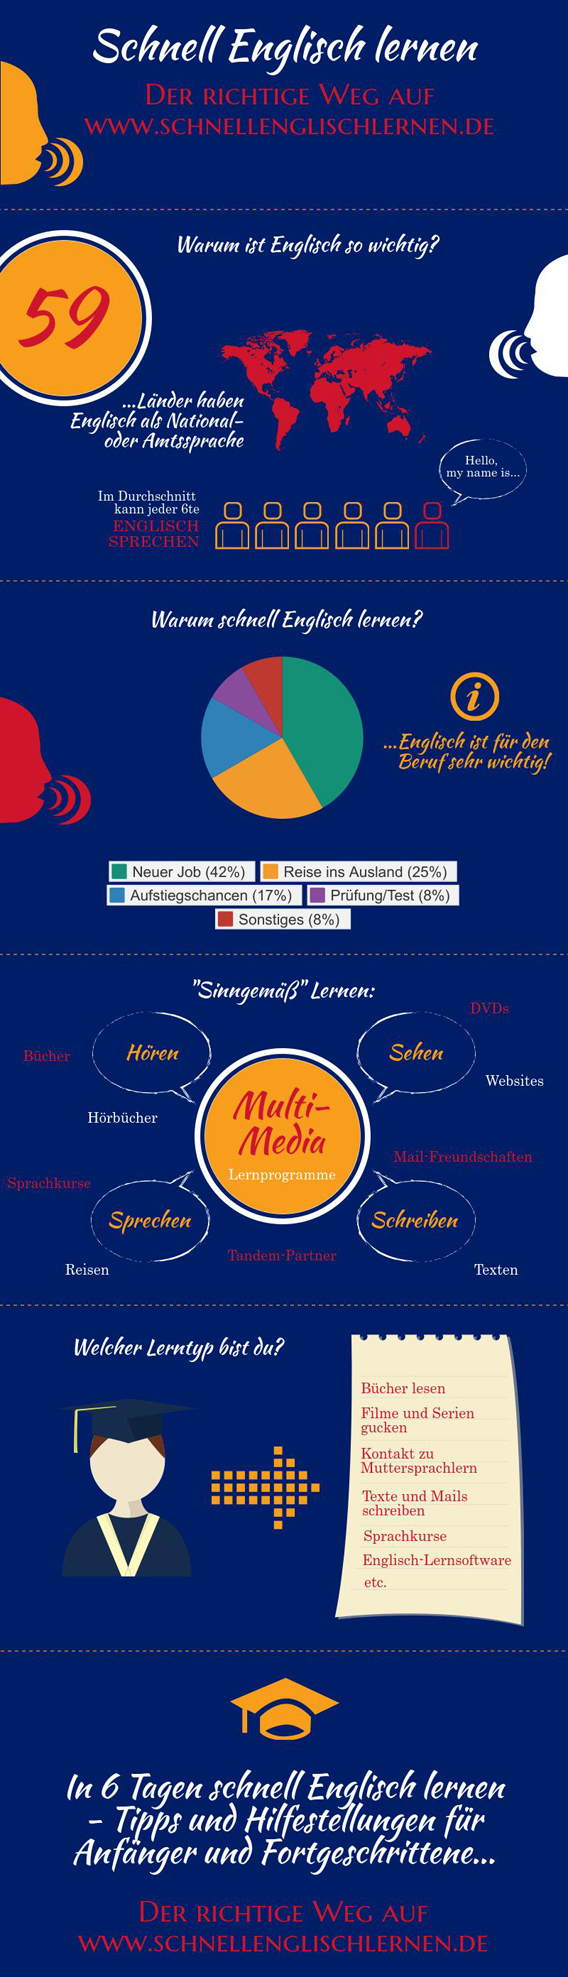 """Eine Infografik zum Thema """"schnell Englisch lernen"""" - Anleitungen, Tipps und Hilfestellungen auf www.schnellenglischlernen.de"""